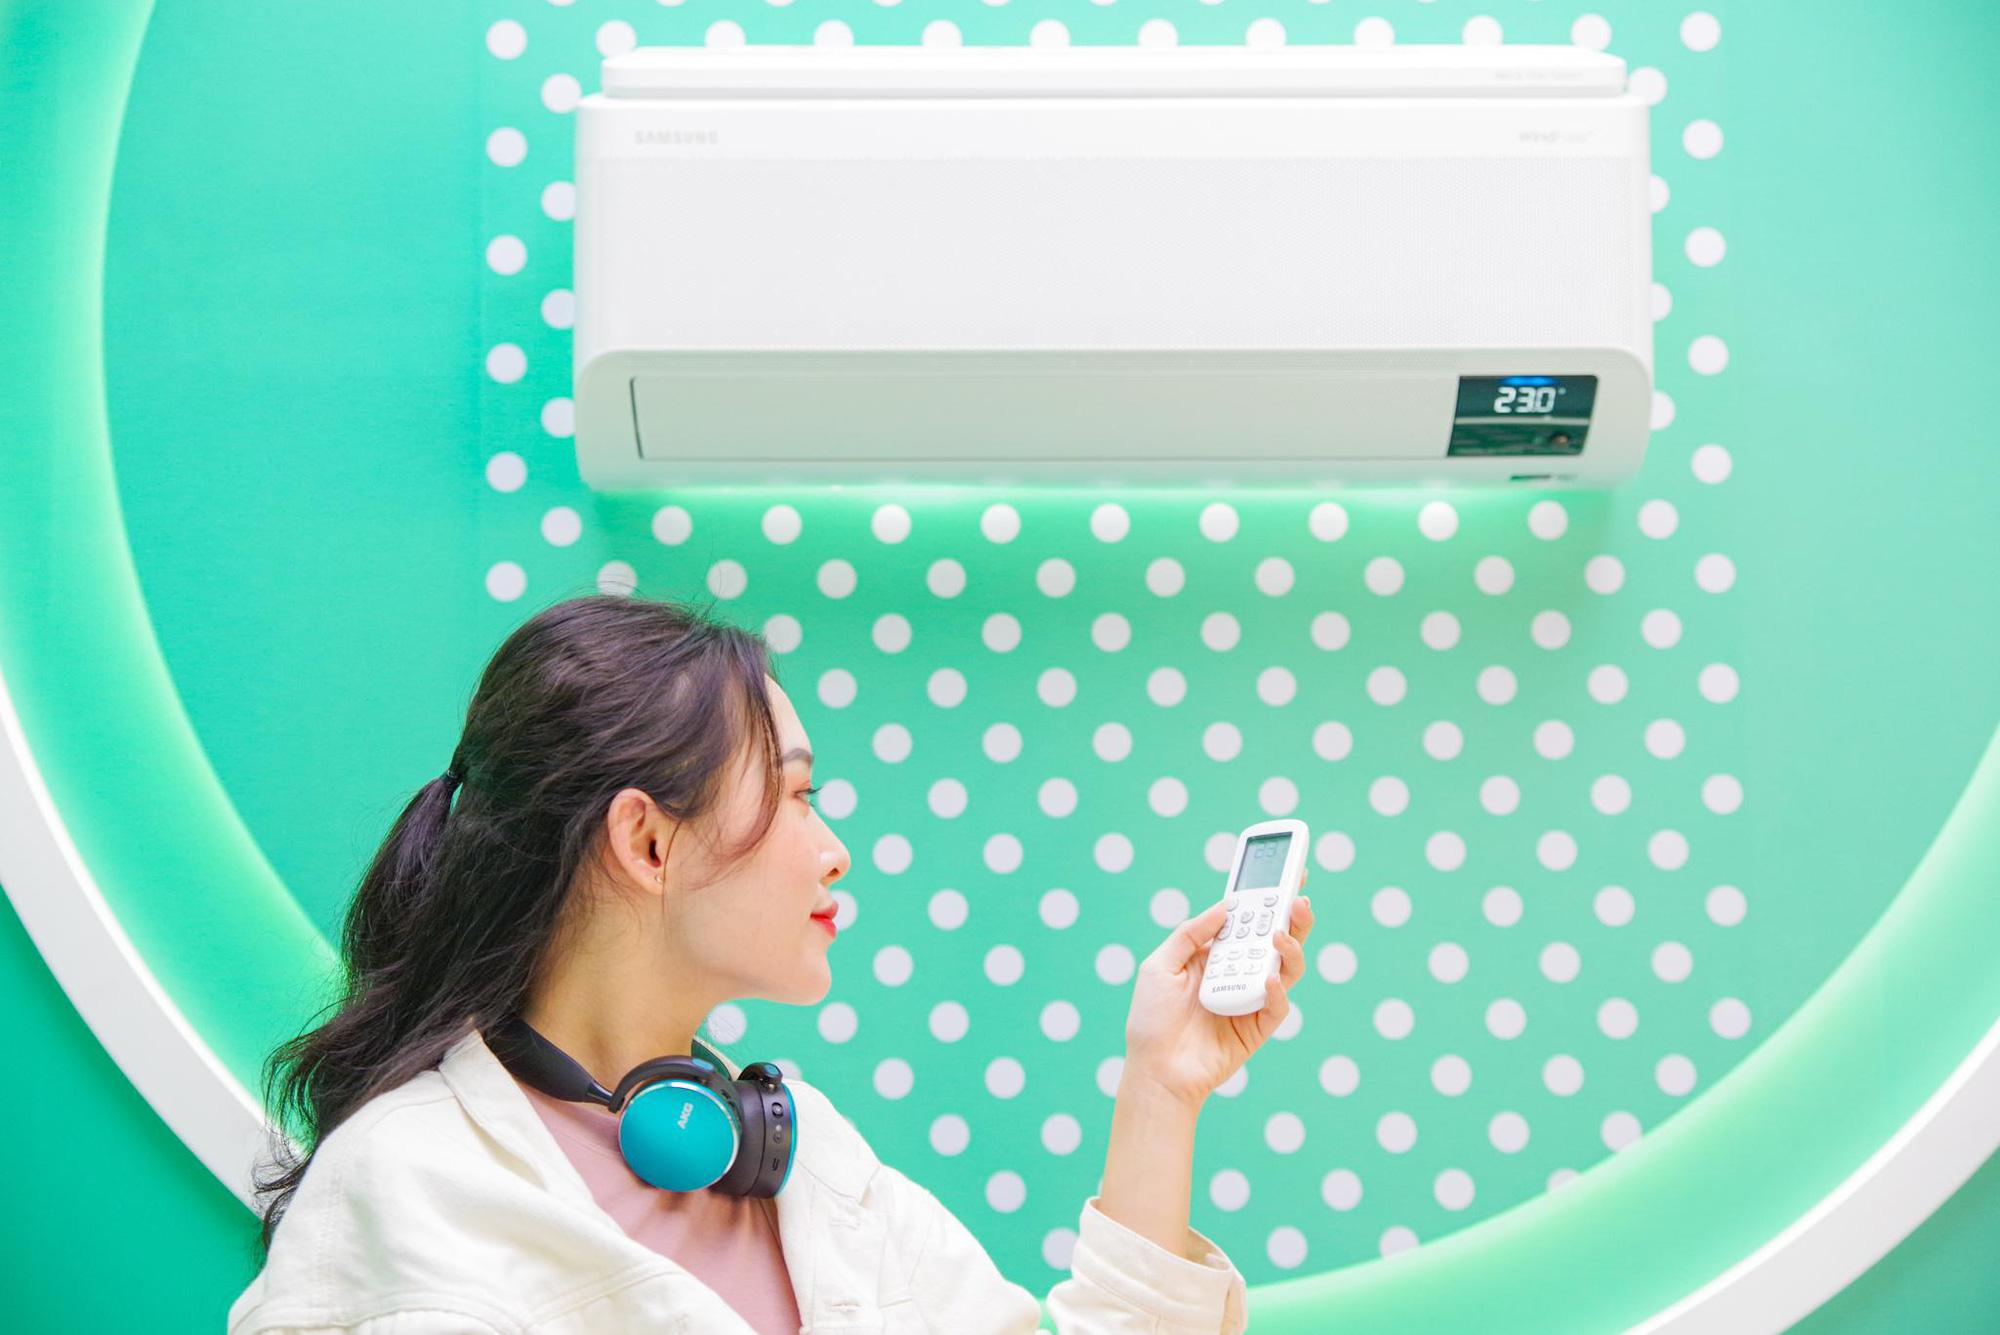 Trải nghiệm thực tế chiếc máy lạnh không gió buốt của Samsung: phát minh thú vị giờ mới phổ biến - Ảnh 4.